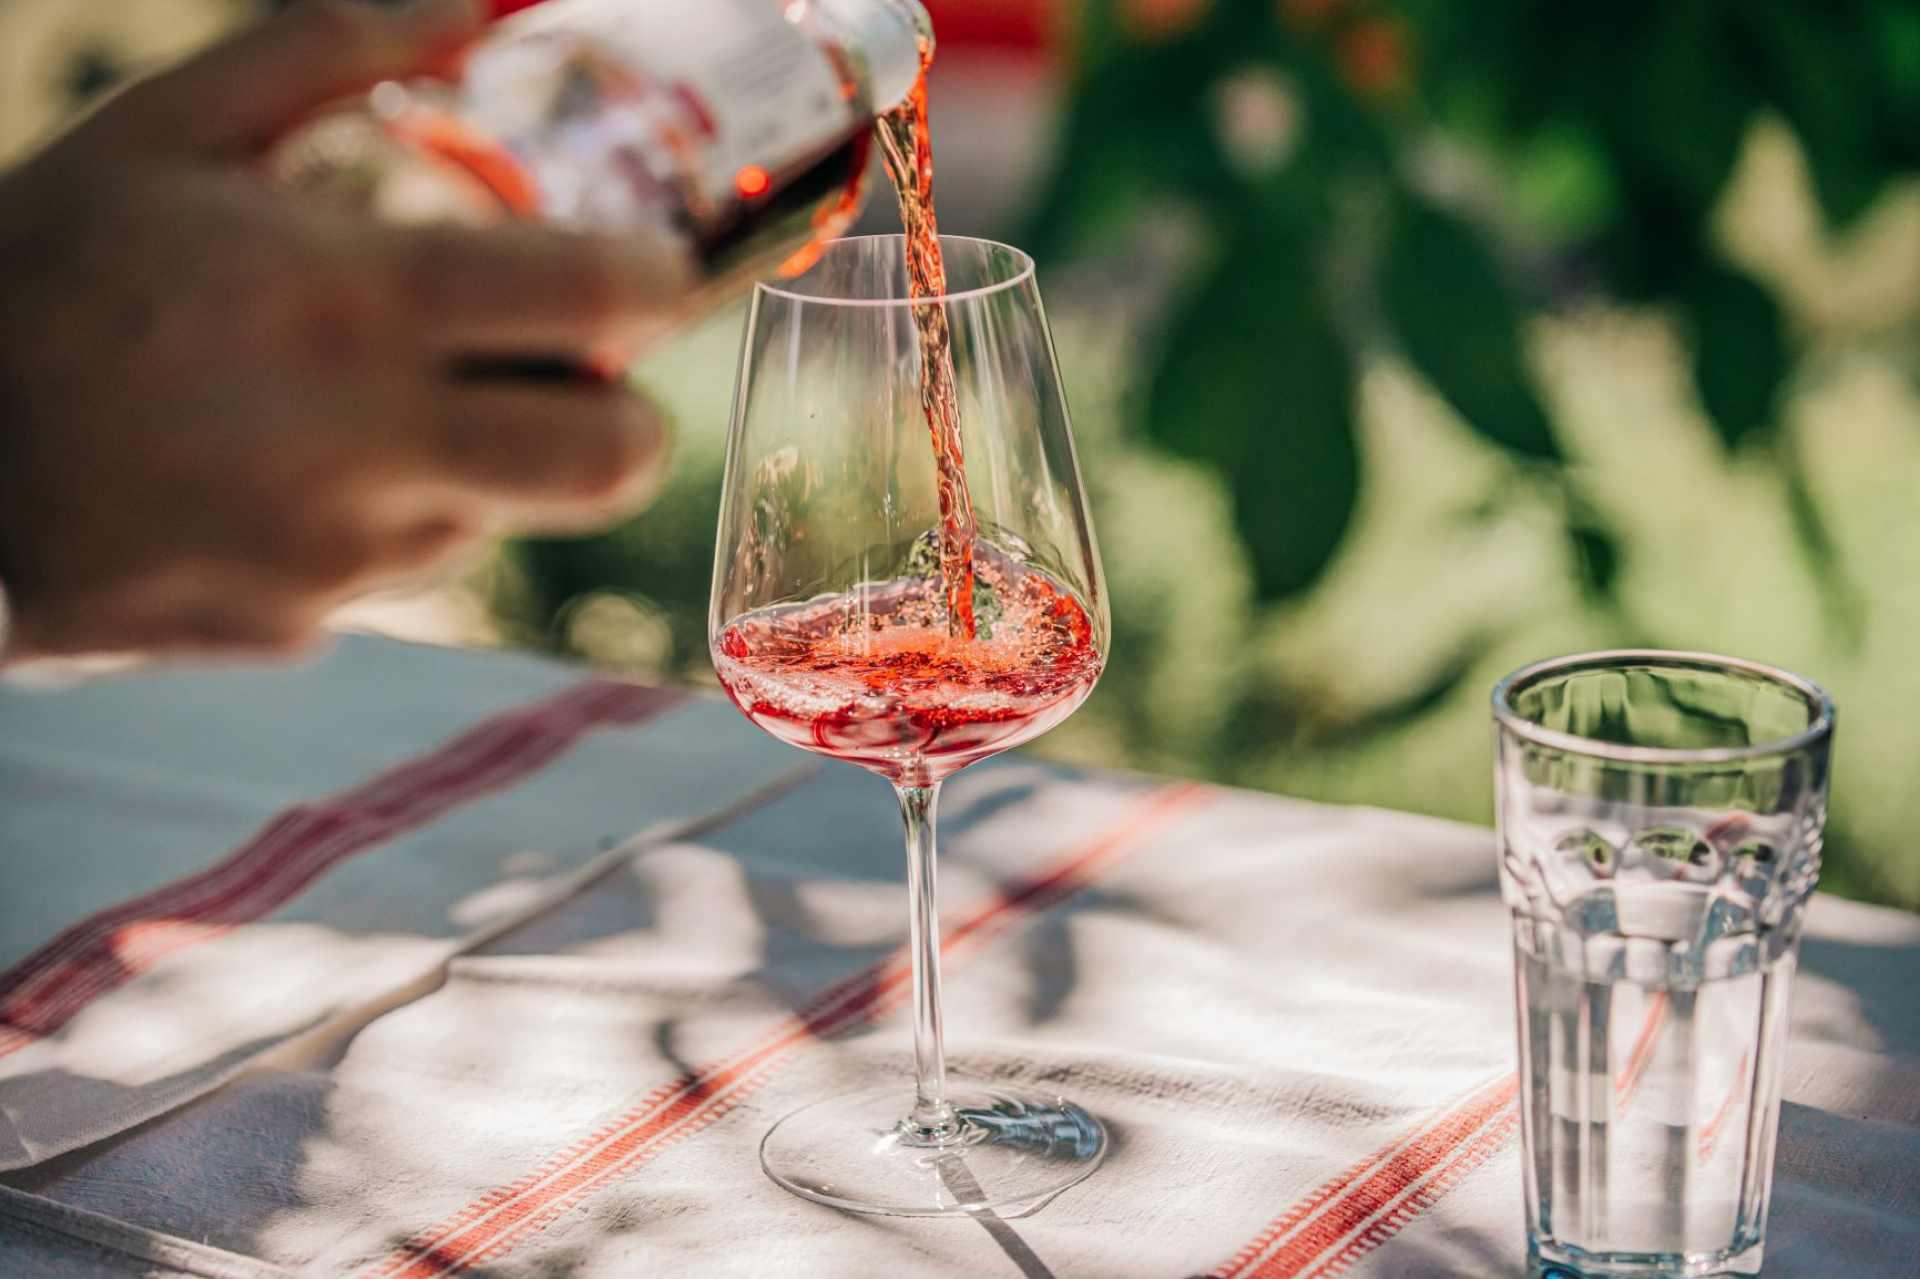 Hogyan szervezz bortúrát?